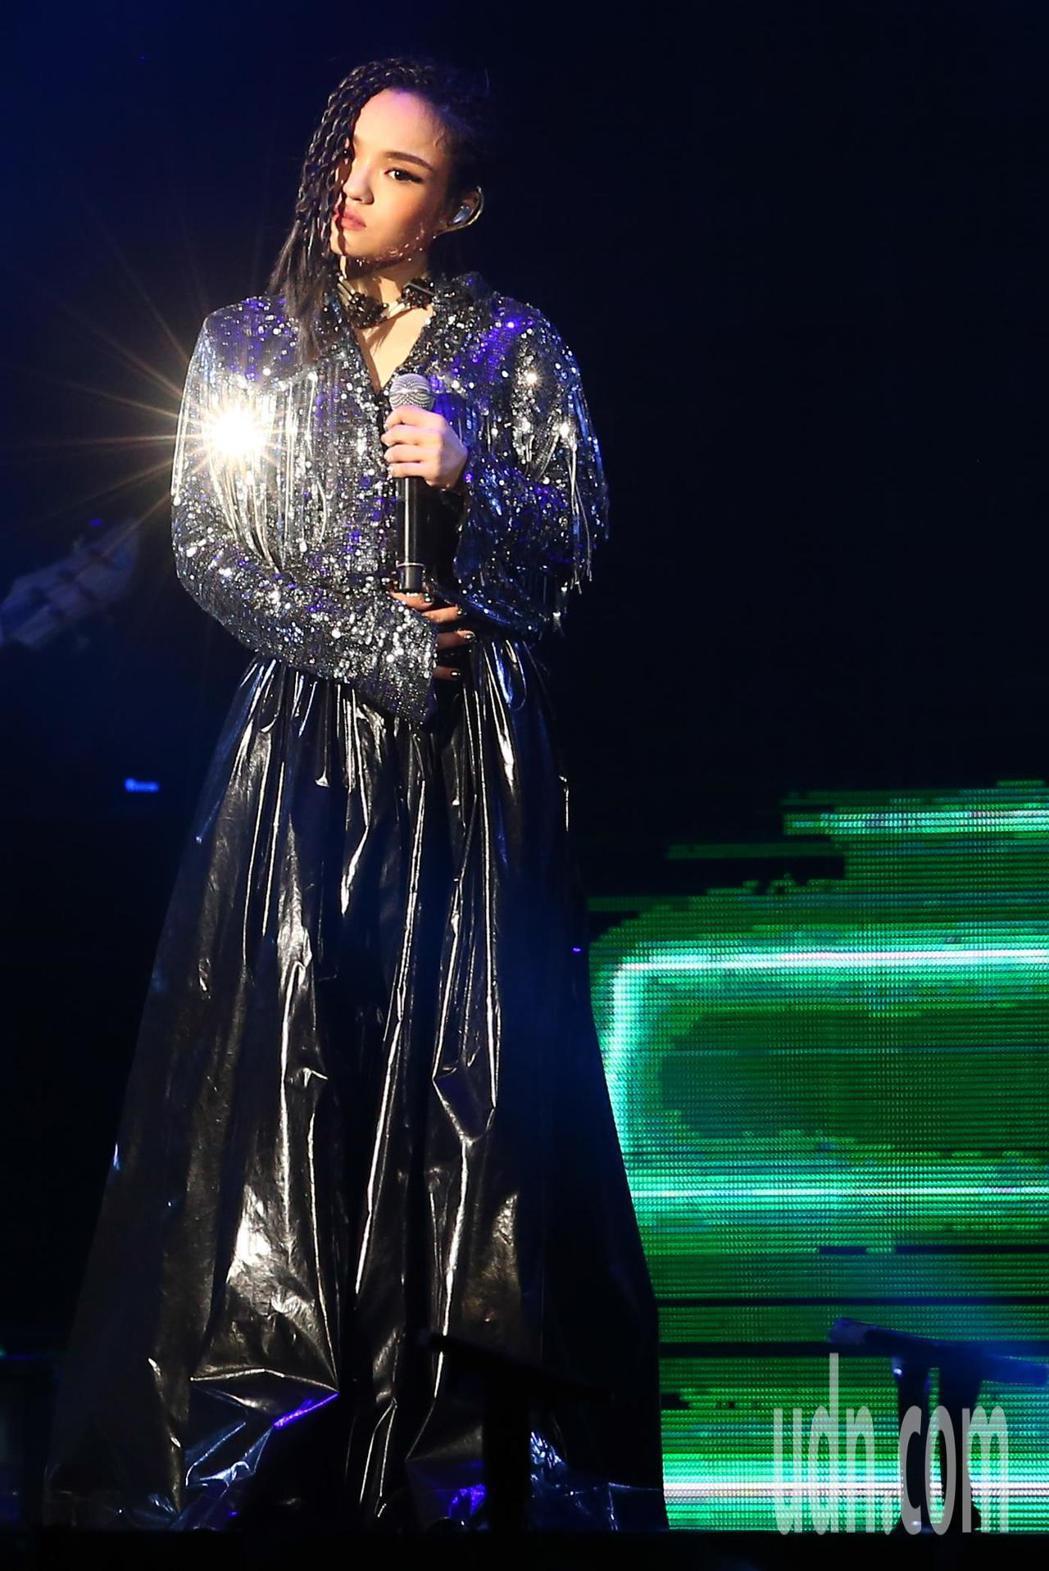 金曲歌后徐佳瑩下午在小巨蛋繼續開唱,連續兩天舉辦《2018是日救星旗艦返航版》演